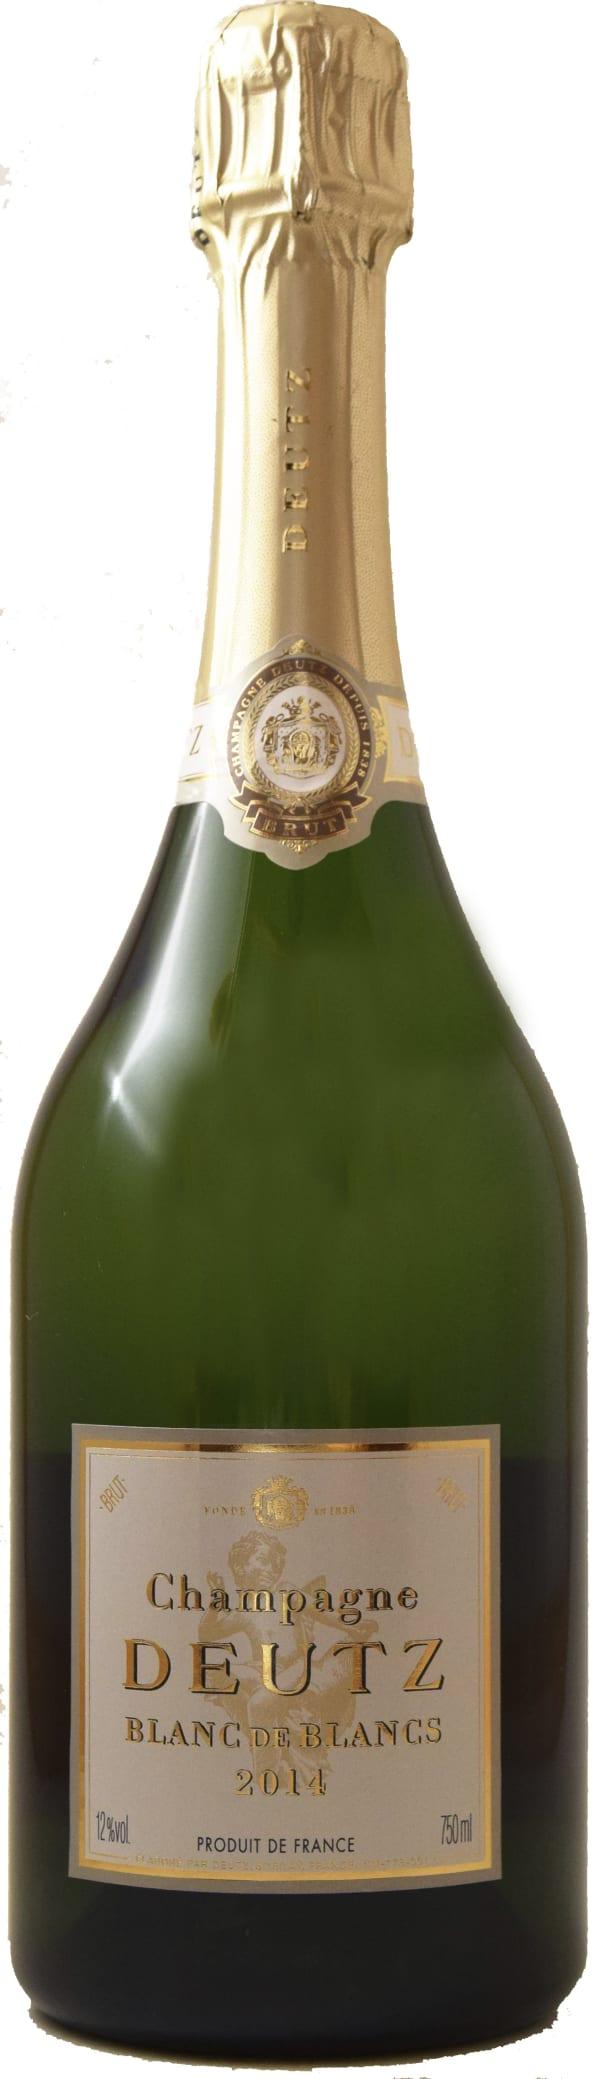 Deutz Blanc de Blancs Champagne Brut 2010